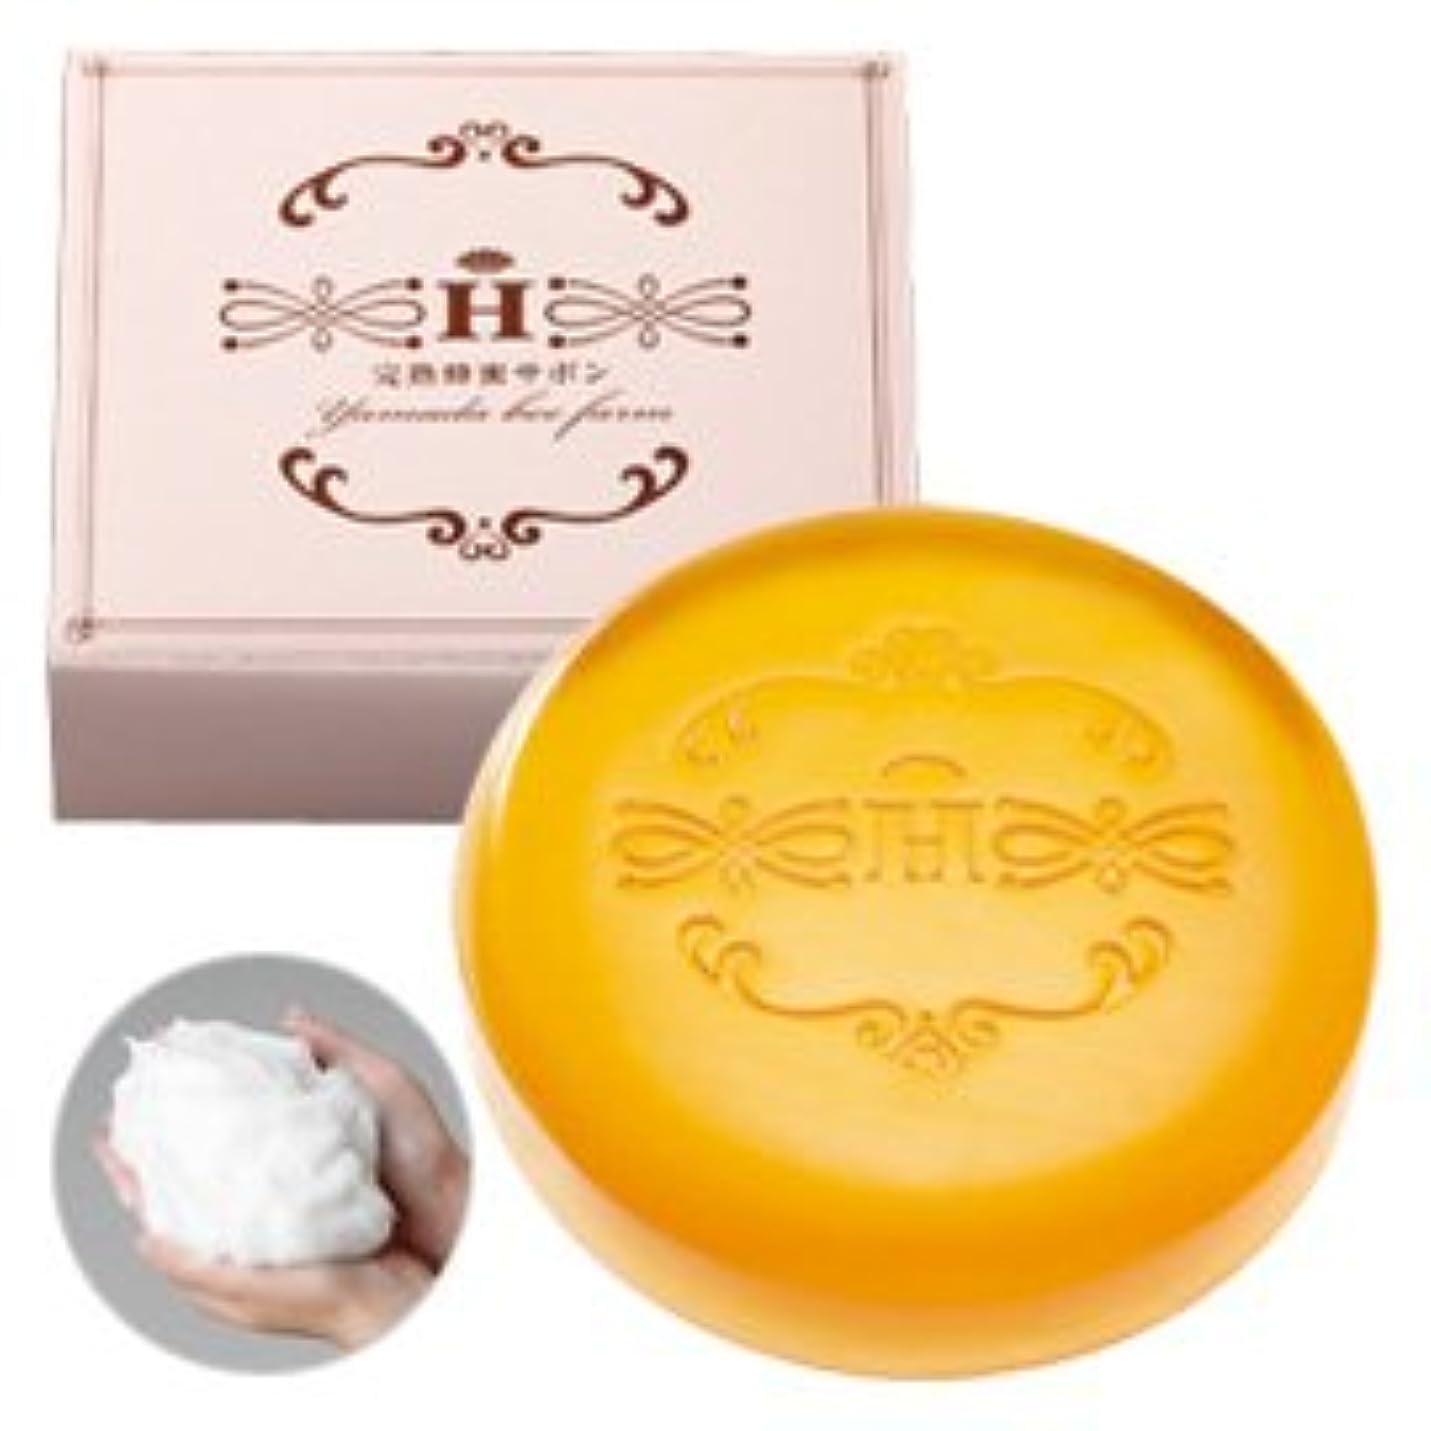 修正人柄楽なハニーラボ 完熟蜂蜜サボン〈枠練〉 60g (箱入り)/Honey Lab Ripen Honey Soap <60g> In a box